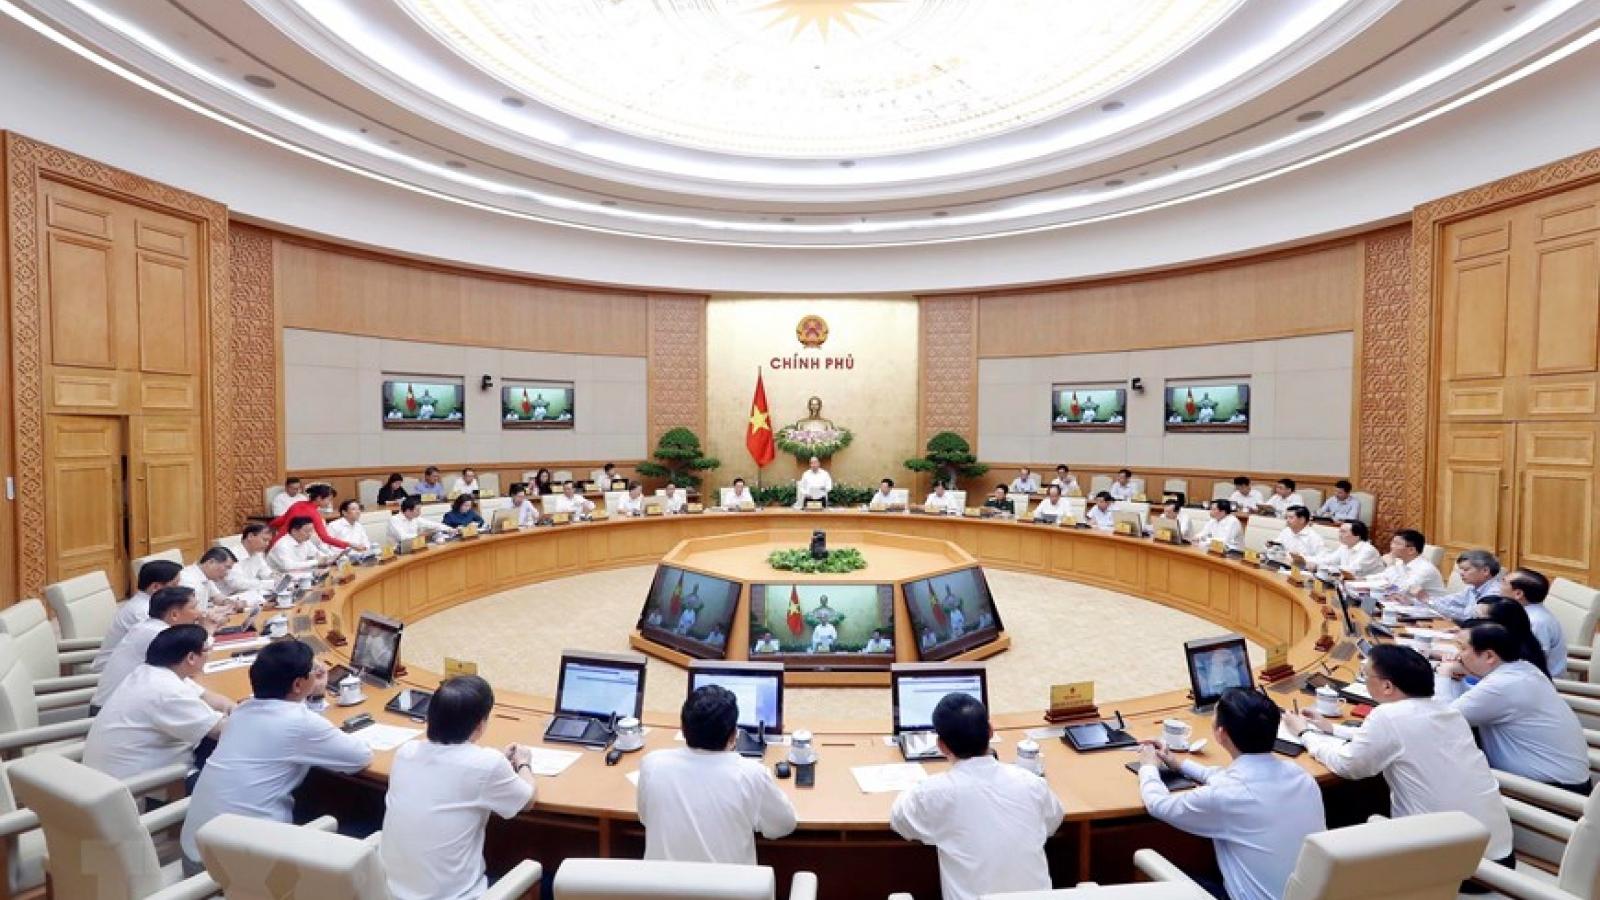 Phê chuẩn miễn nhiệm 1 Phó Thủ tướng và 12 Bộ trưởng, Trưởng ngành